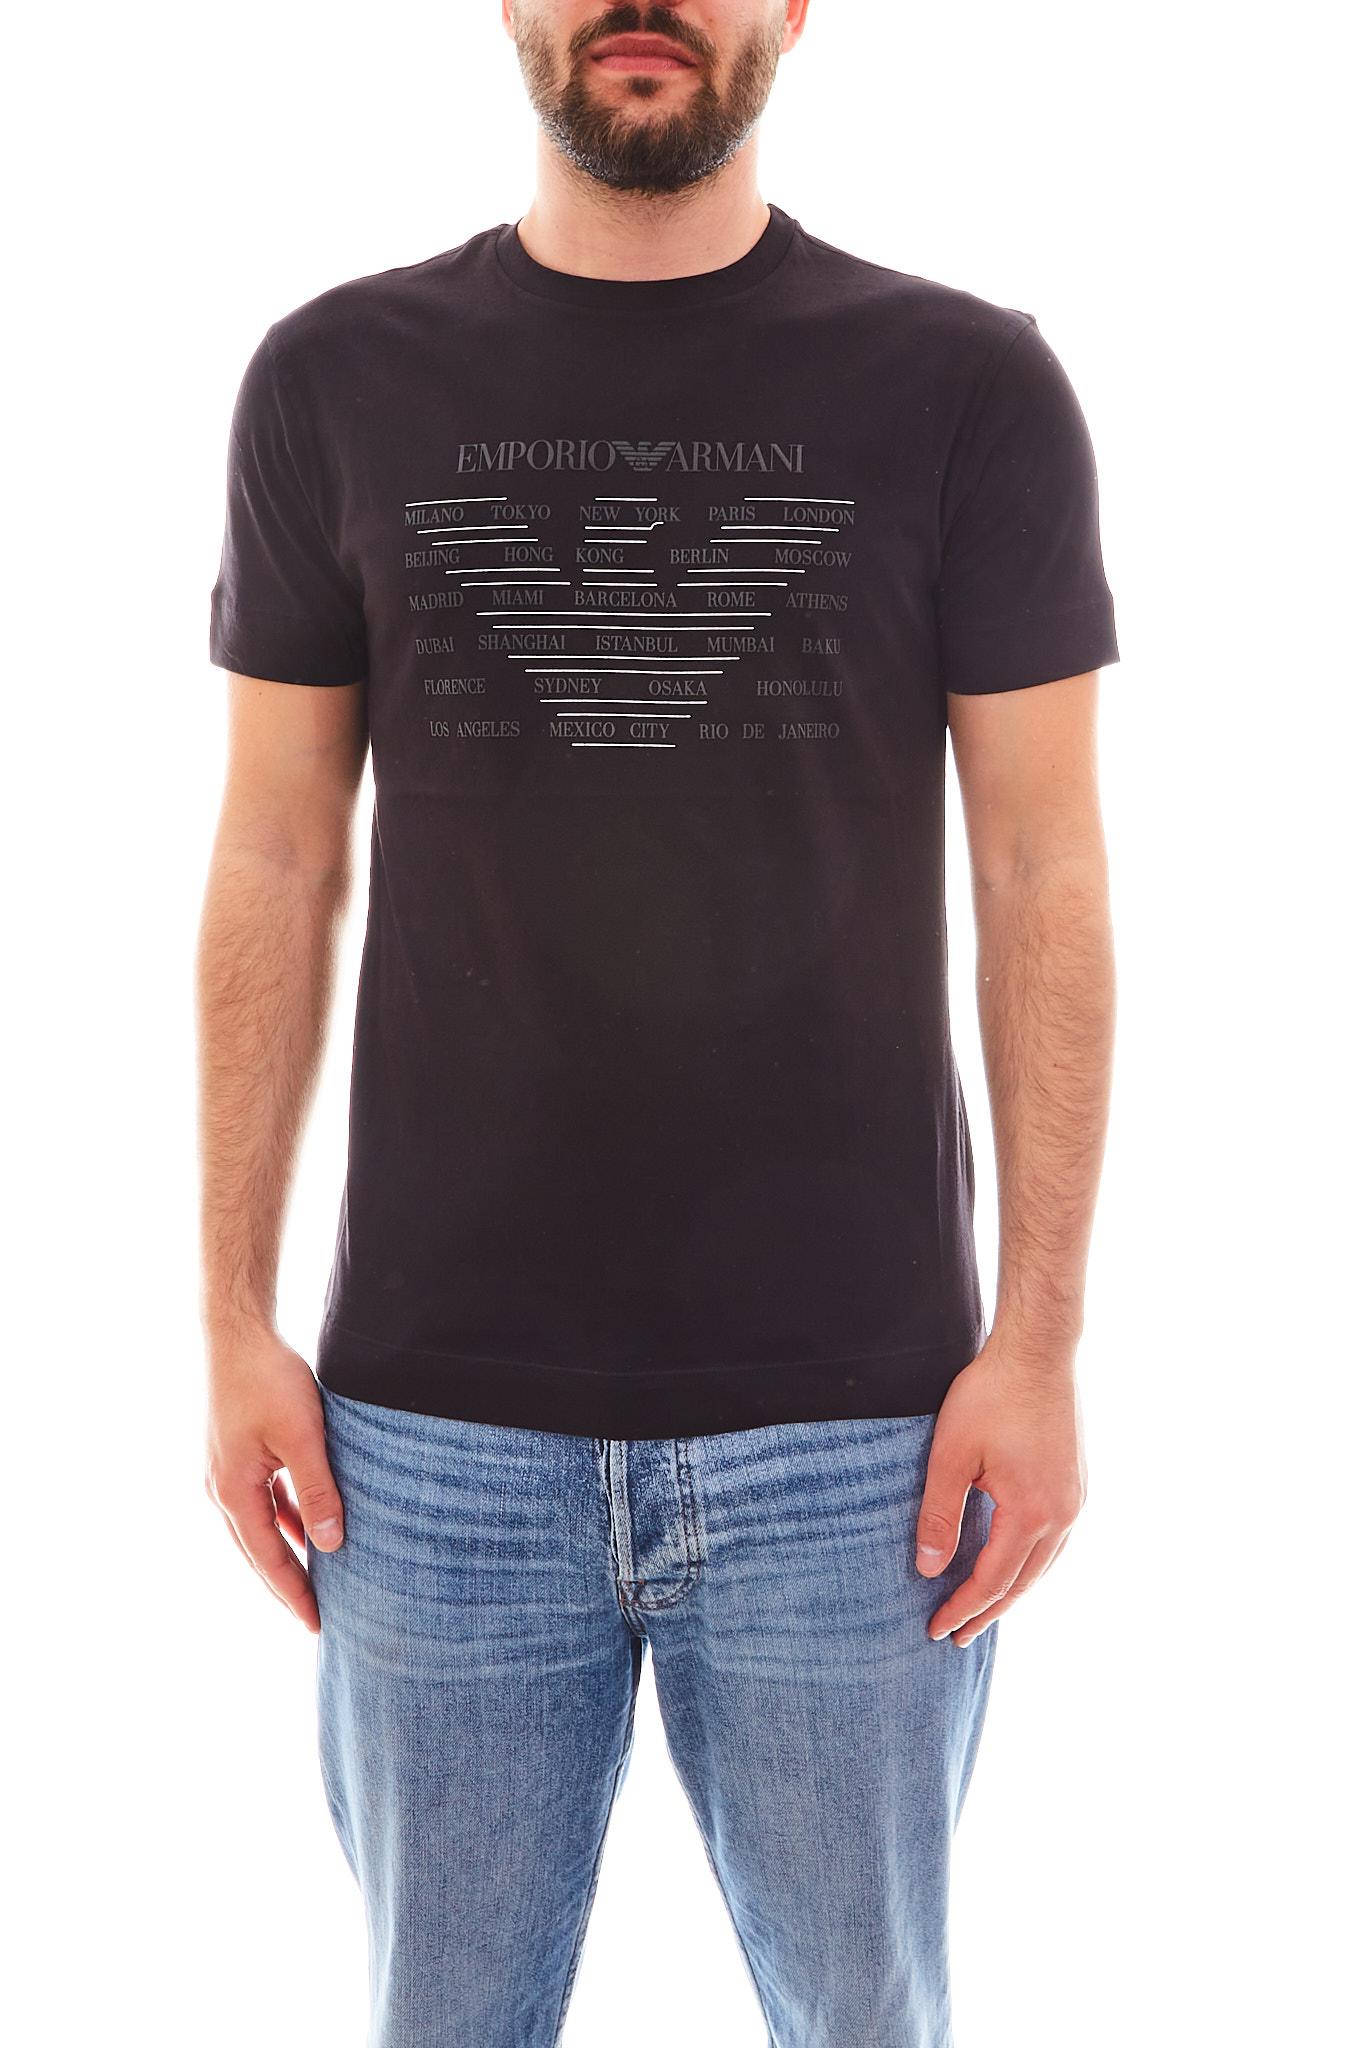 T-shirt Emporio Armani EMPORIO ARMANI   T-shirt   3K1TE1-1JULZ0999